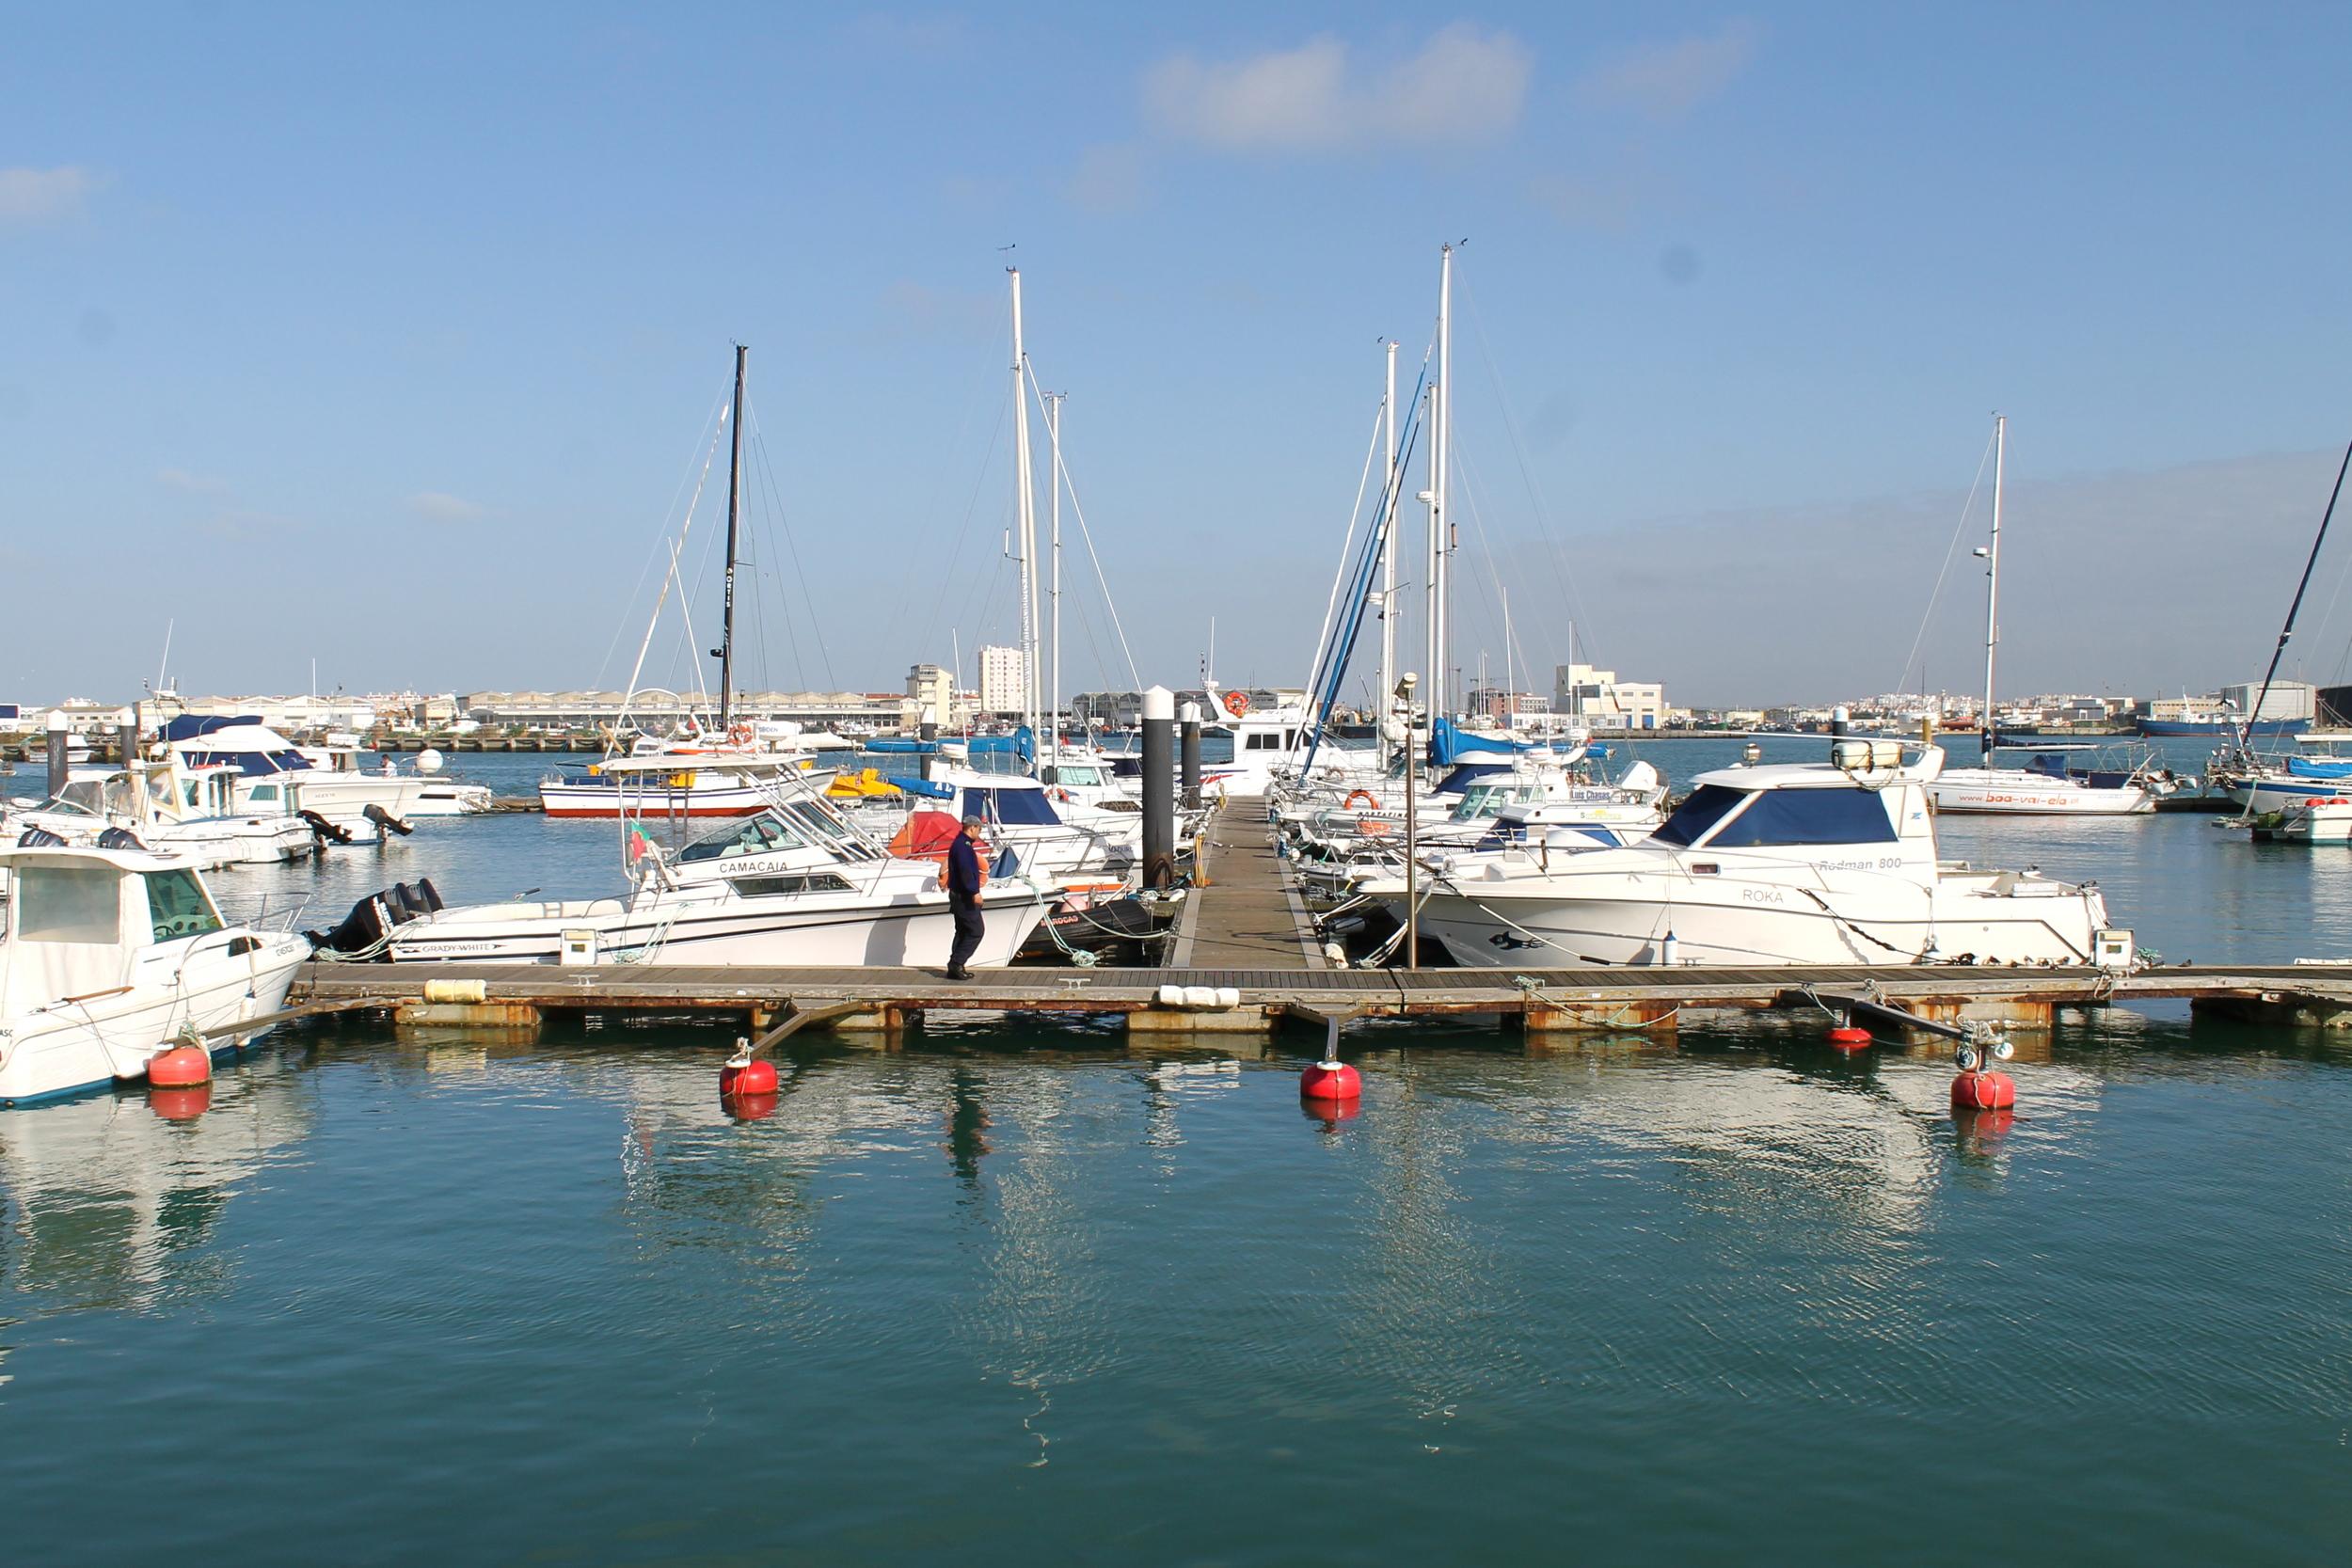 Peniche Harbor